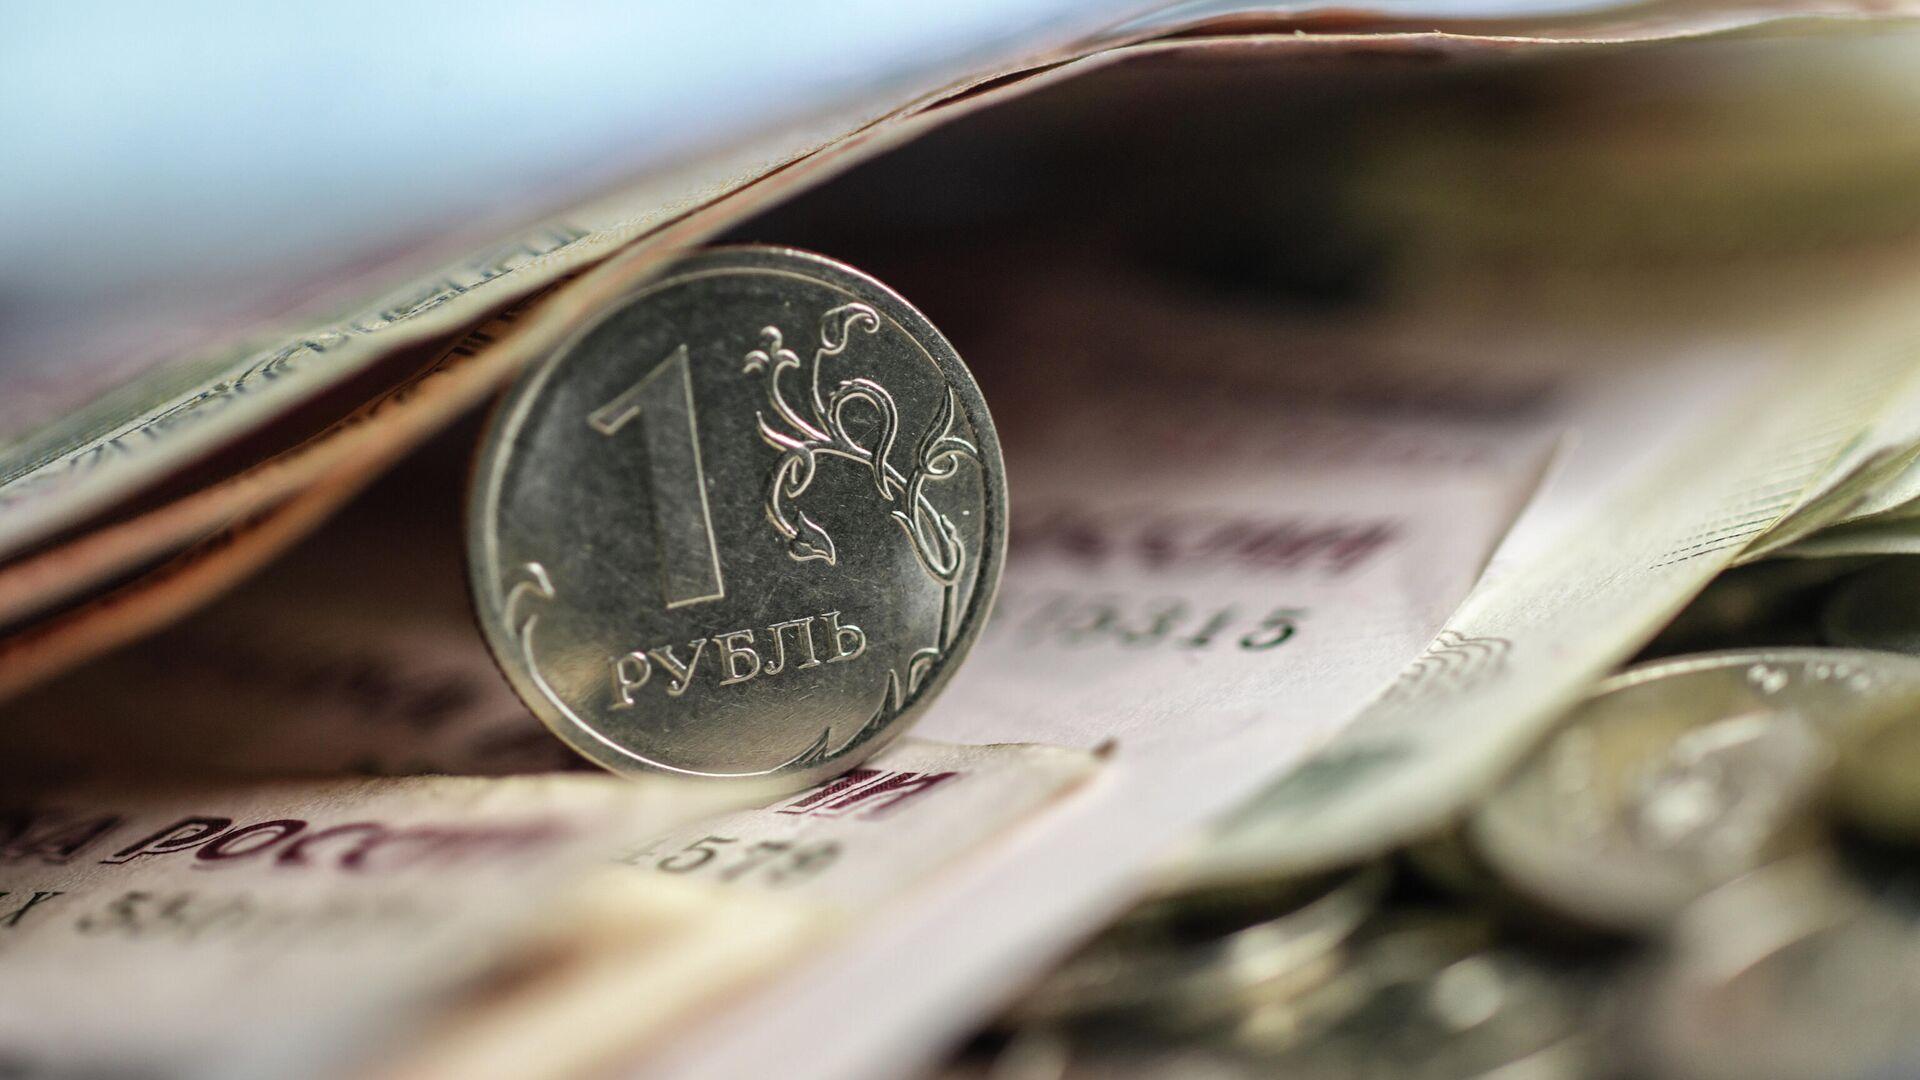 Аналитики оценили угрозу суверенному рейтингу РФ от новых санкций США